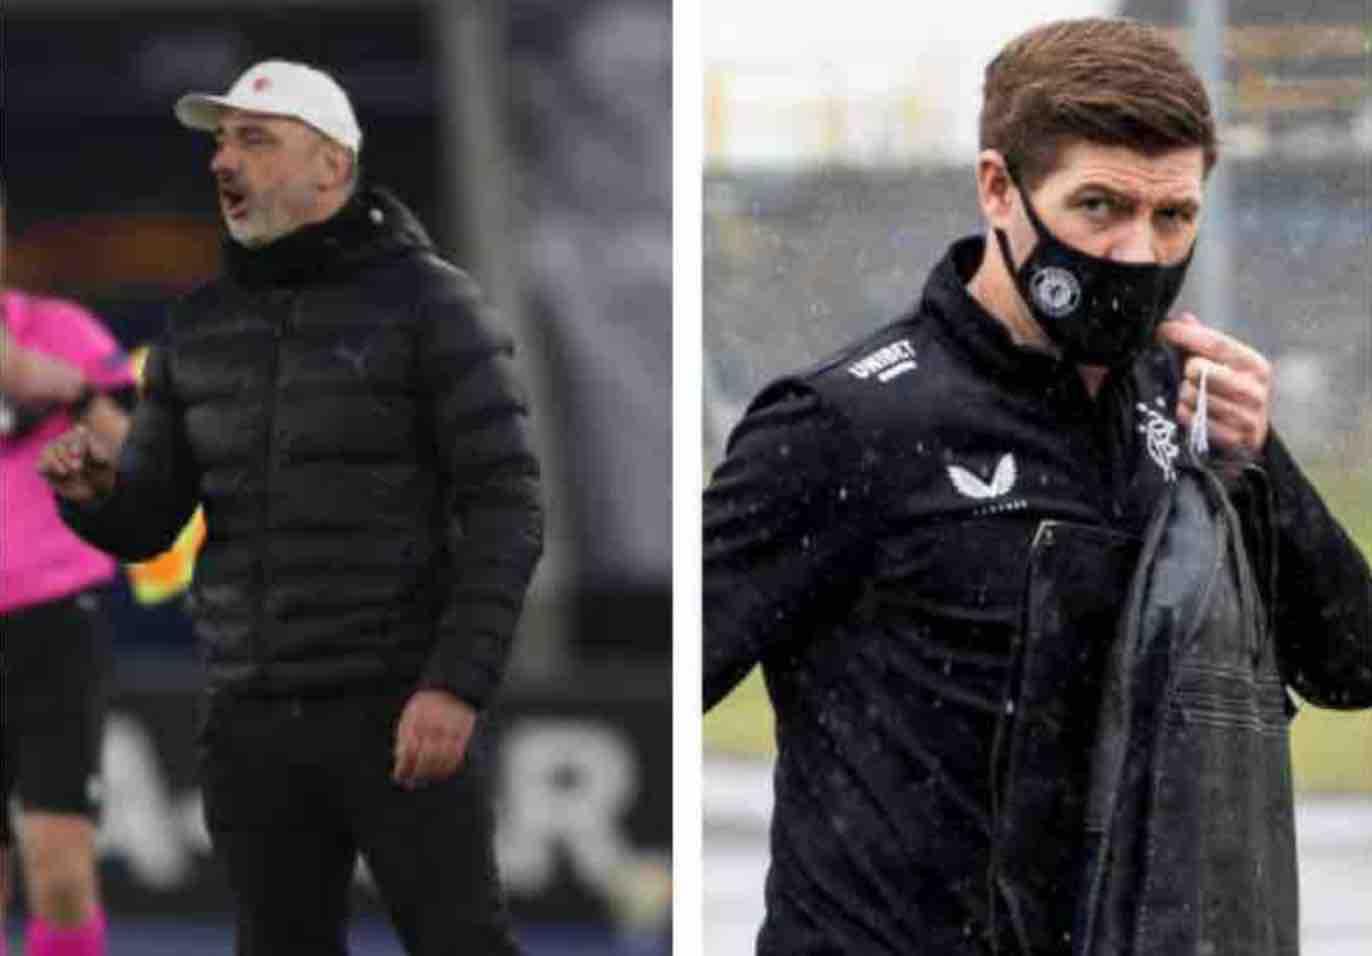 Trpišovský e Gerrard